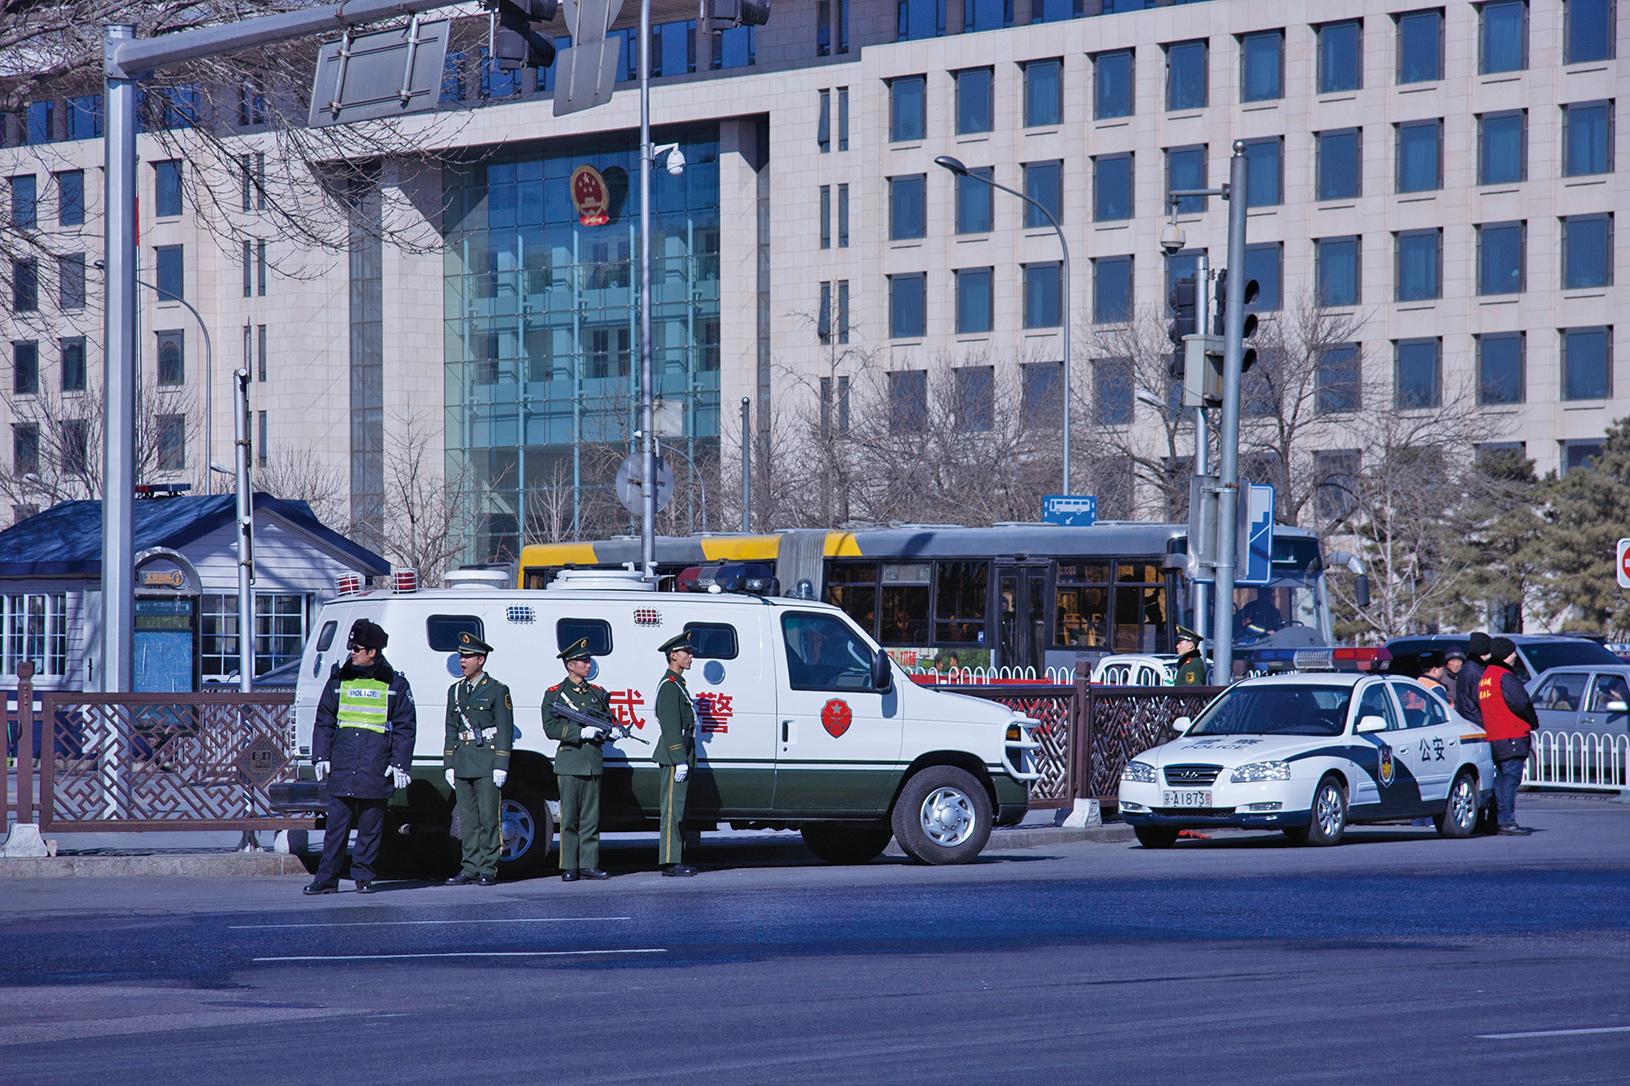 陳敏爾、蔡奇、胡春華三名地方要員,都公開稱要保障中共十九大的「政治安全」。圖為北京街頭武警。(大紀元資料室)